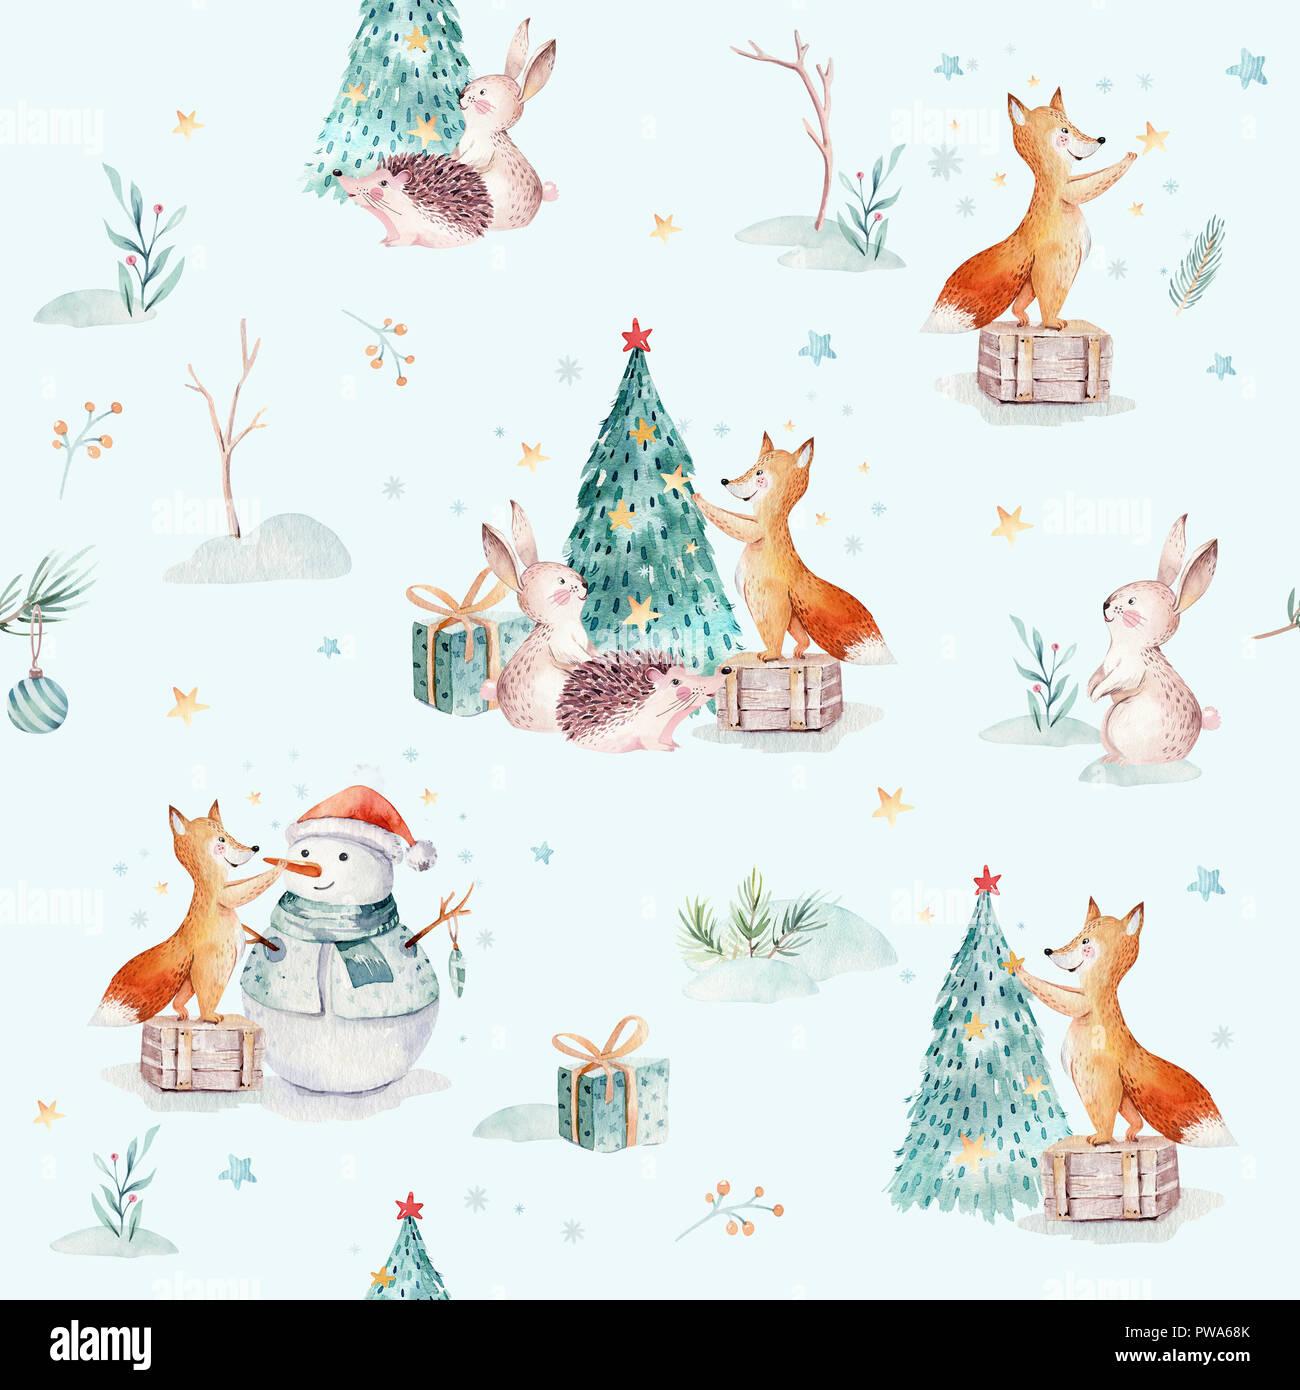 Aquarell frohe weihnachten nahtlose muster mit schneemann - Aquarell weihnachten ...